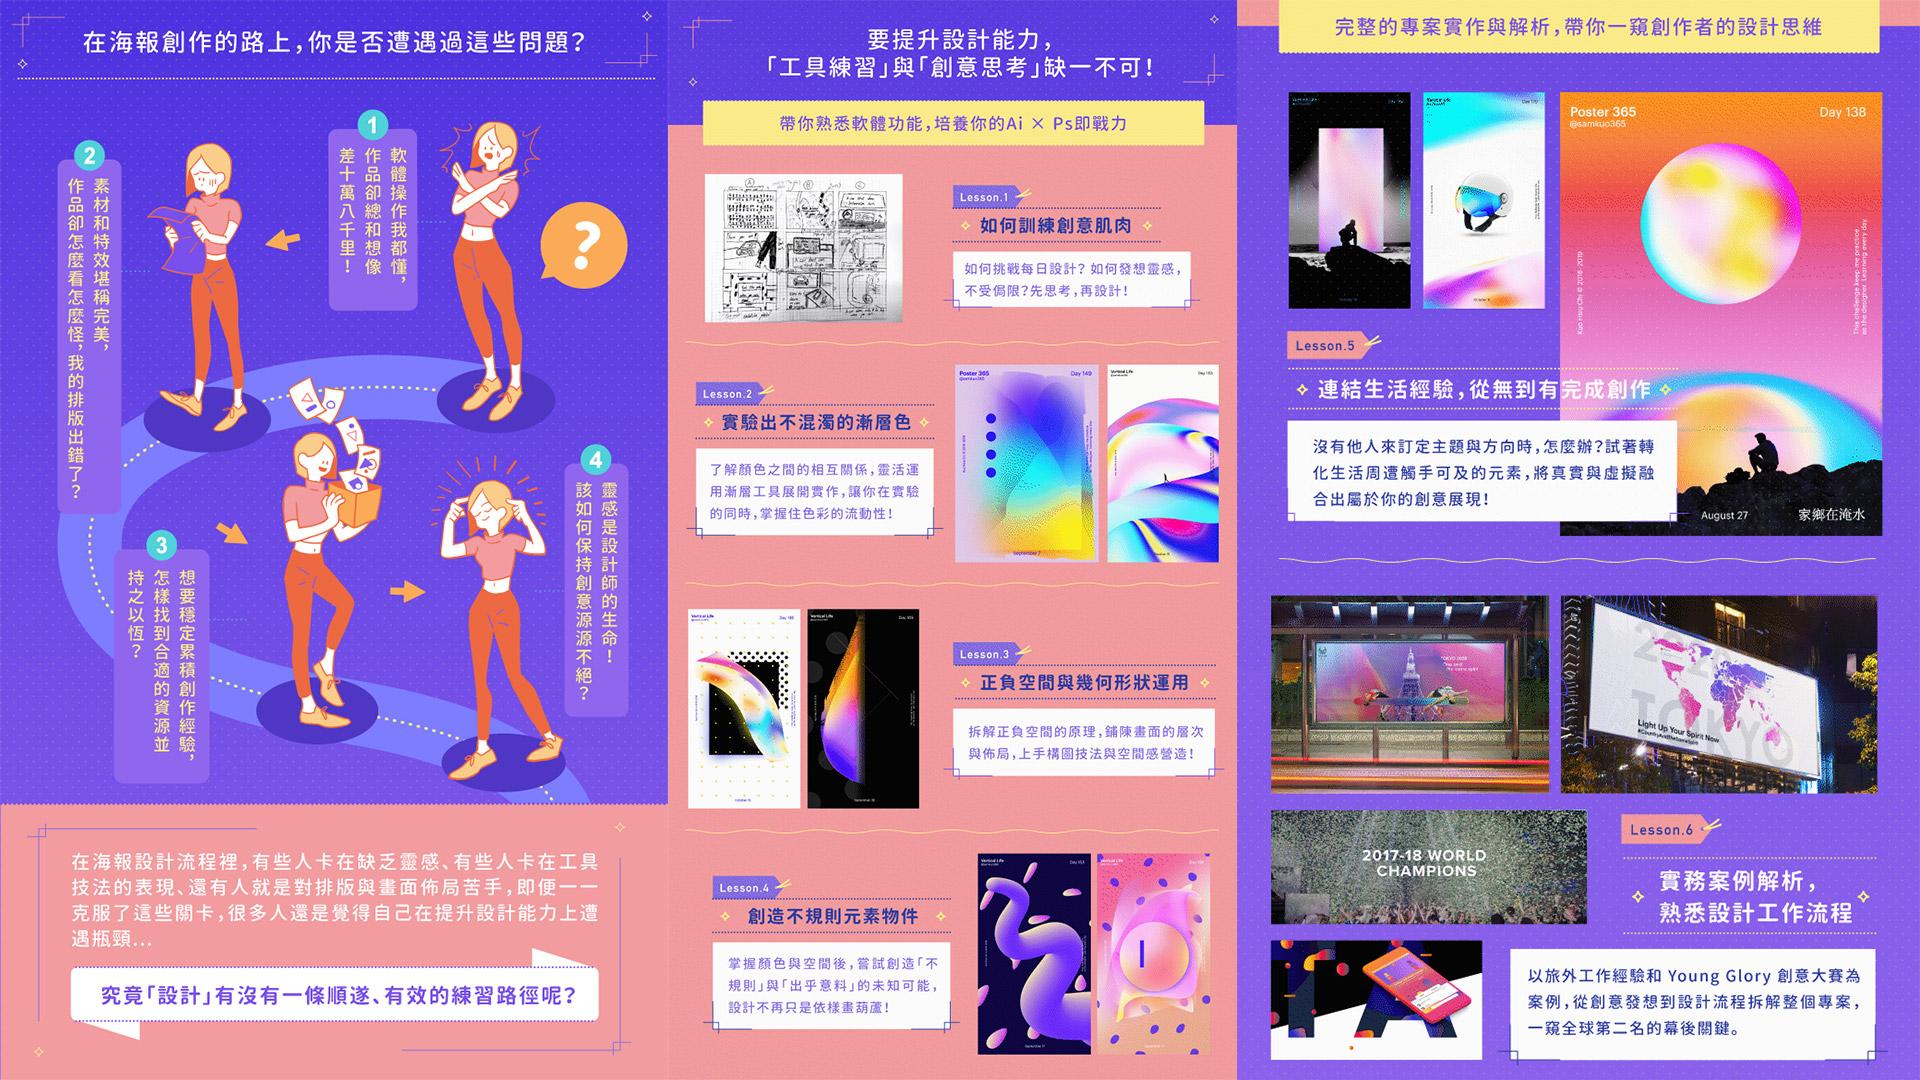 Artboard 11.jpg